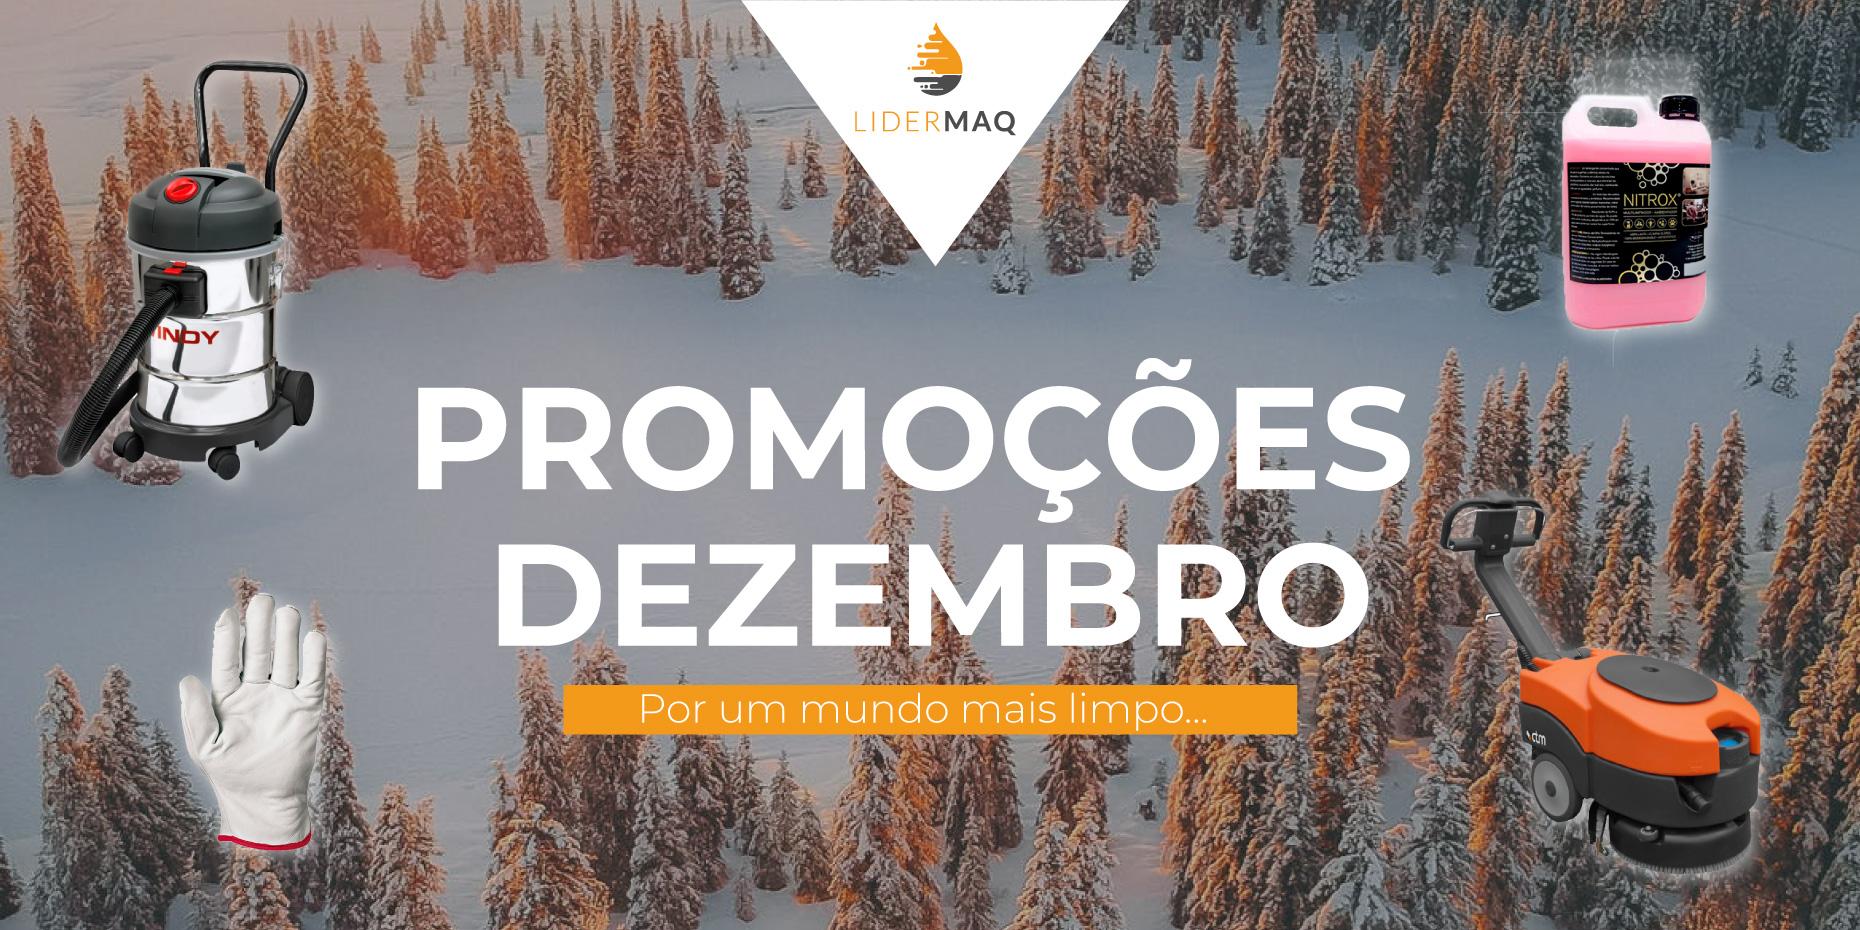 Promoções Dezembro - Lidermaq